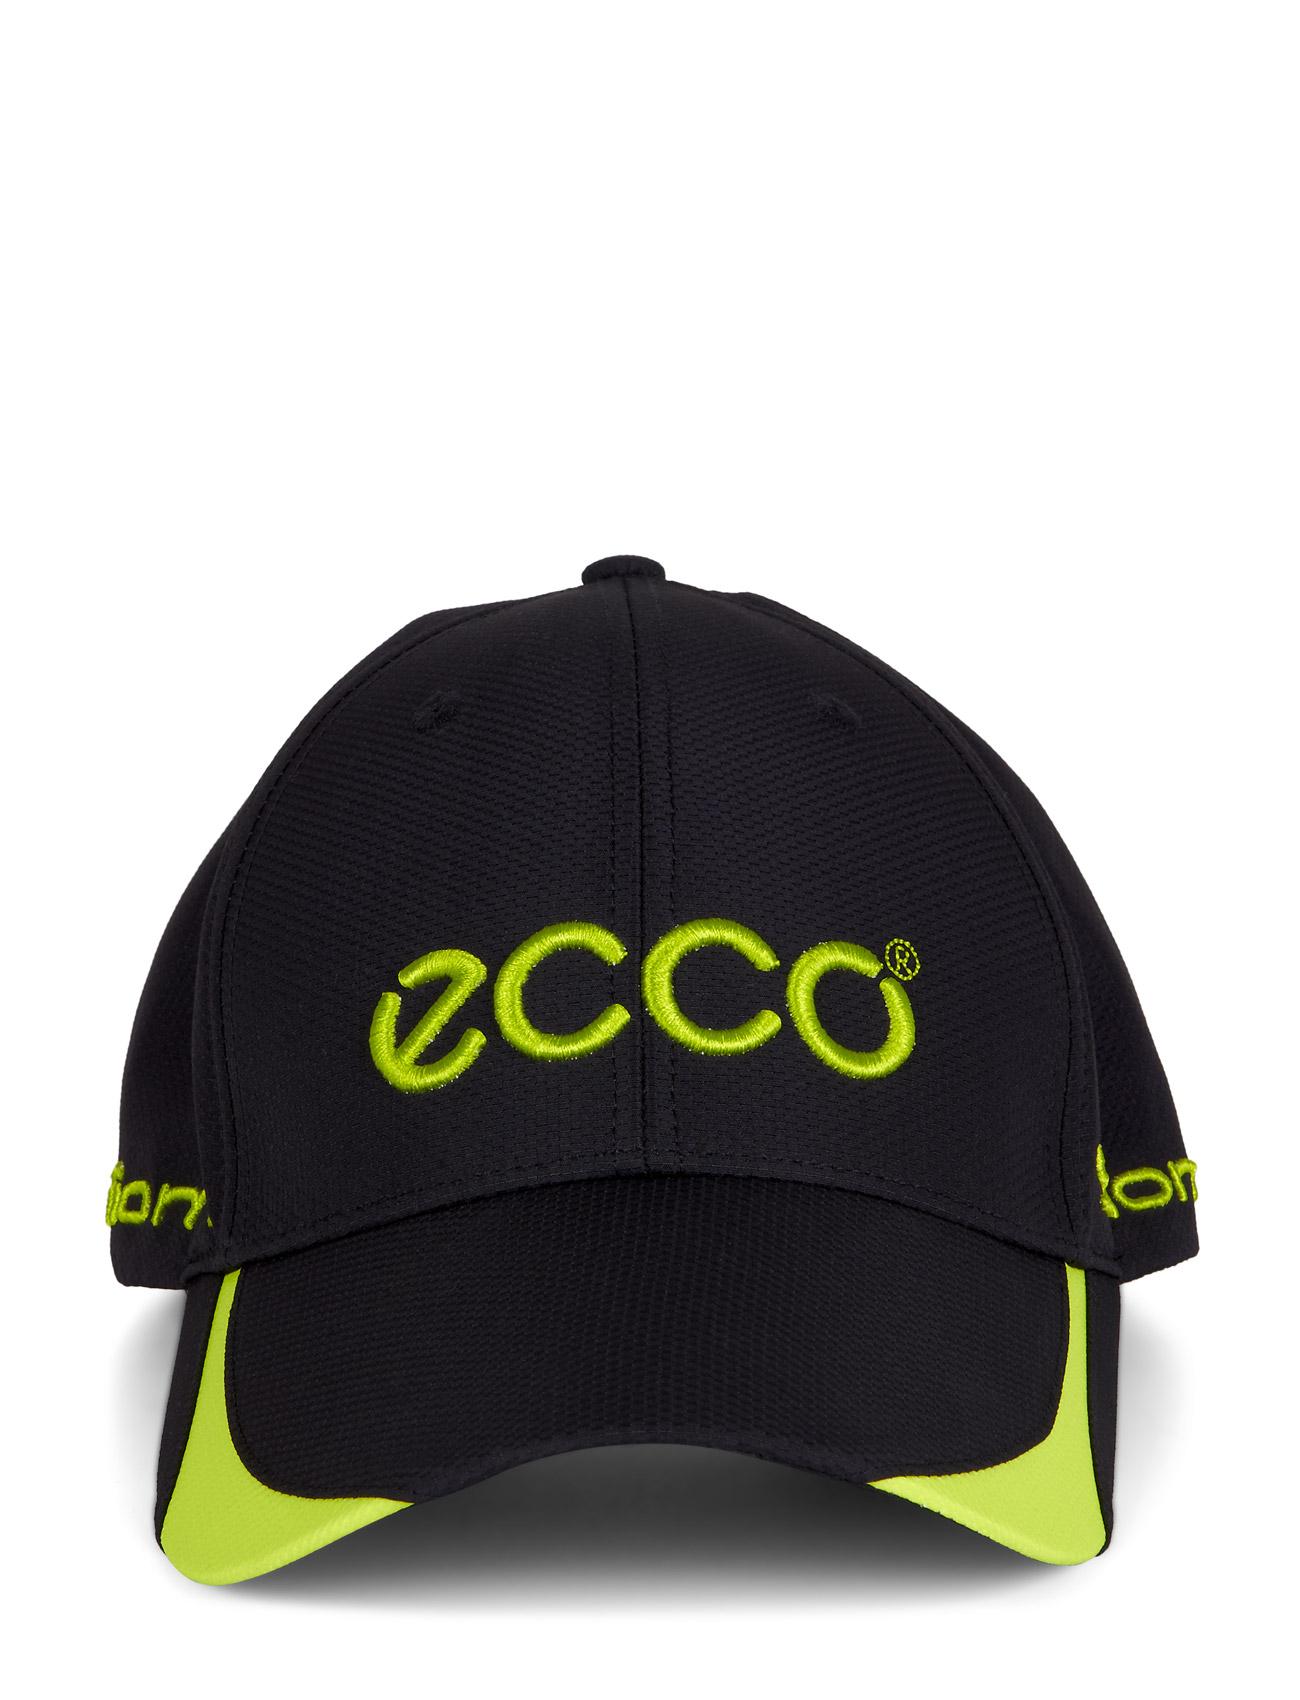 Golf Cap ECCO Sports accessories til Mænd i Sort